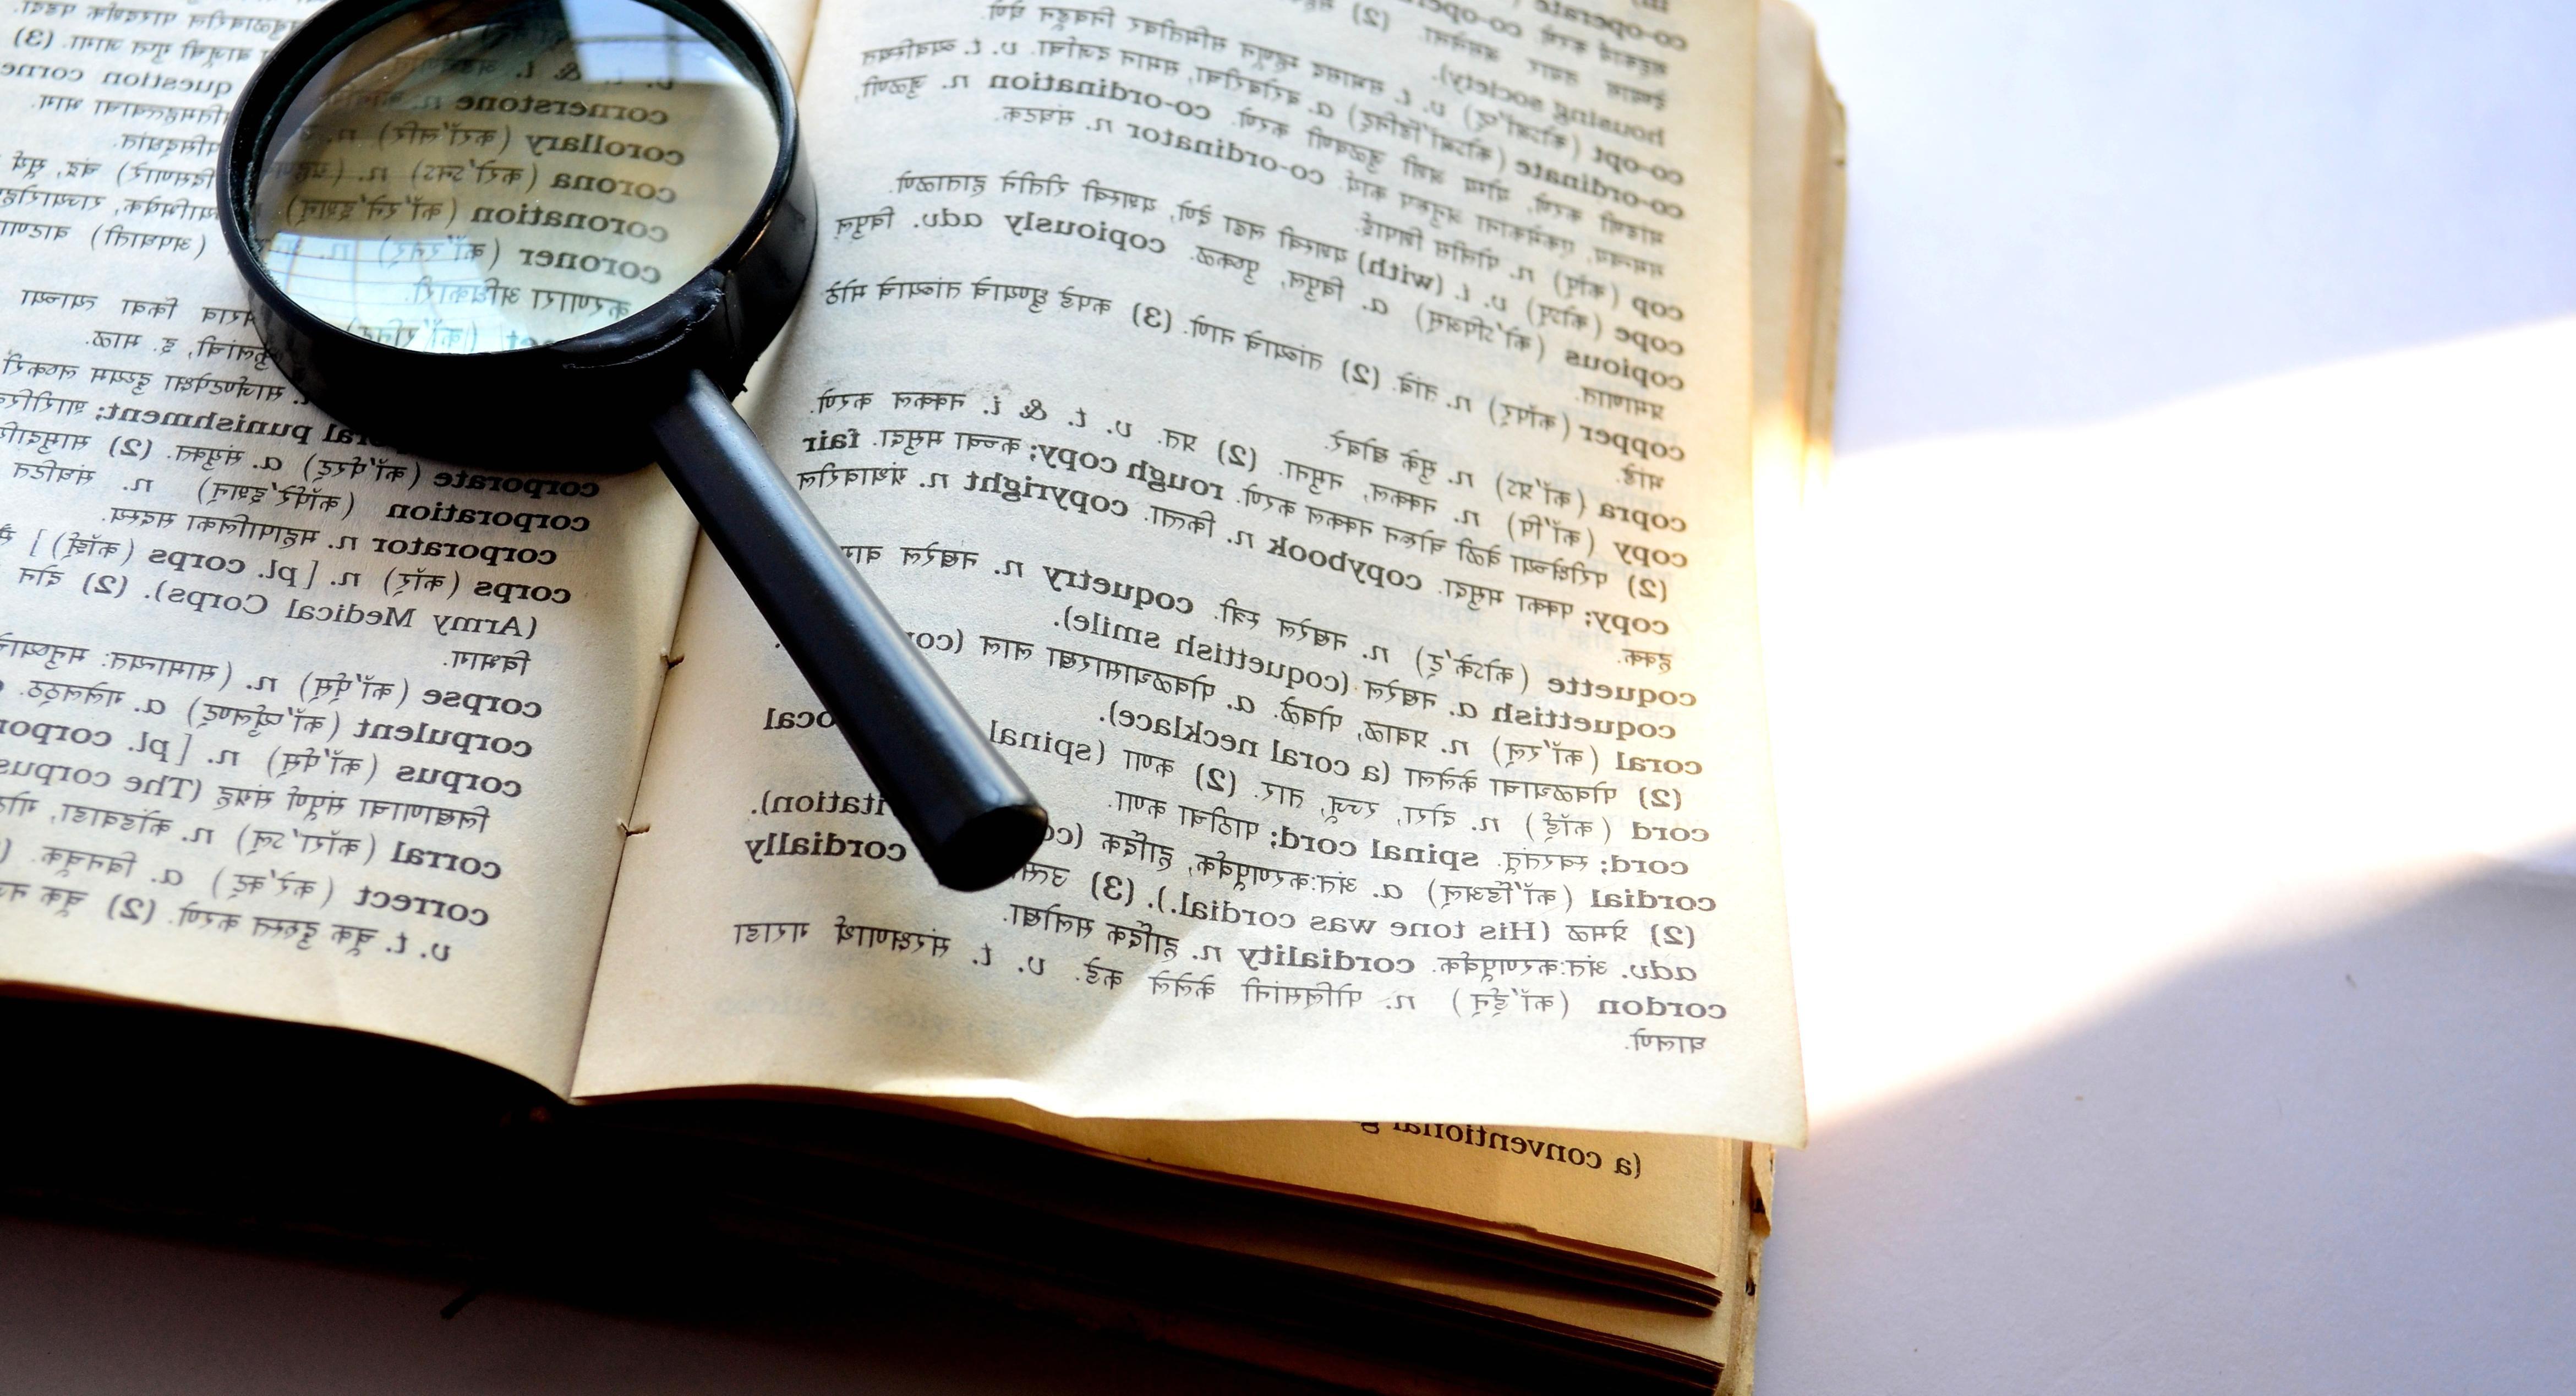 免费照片: 放大镜, 字典, 文件, 纸, 书, 文本